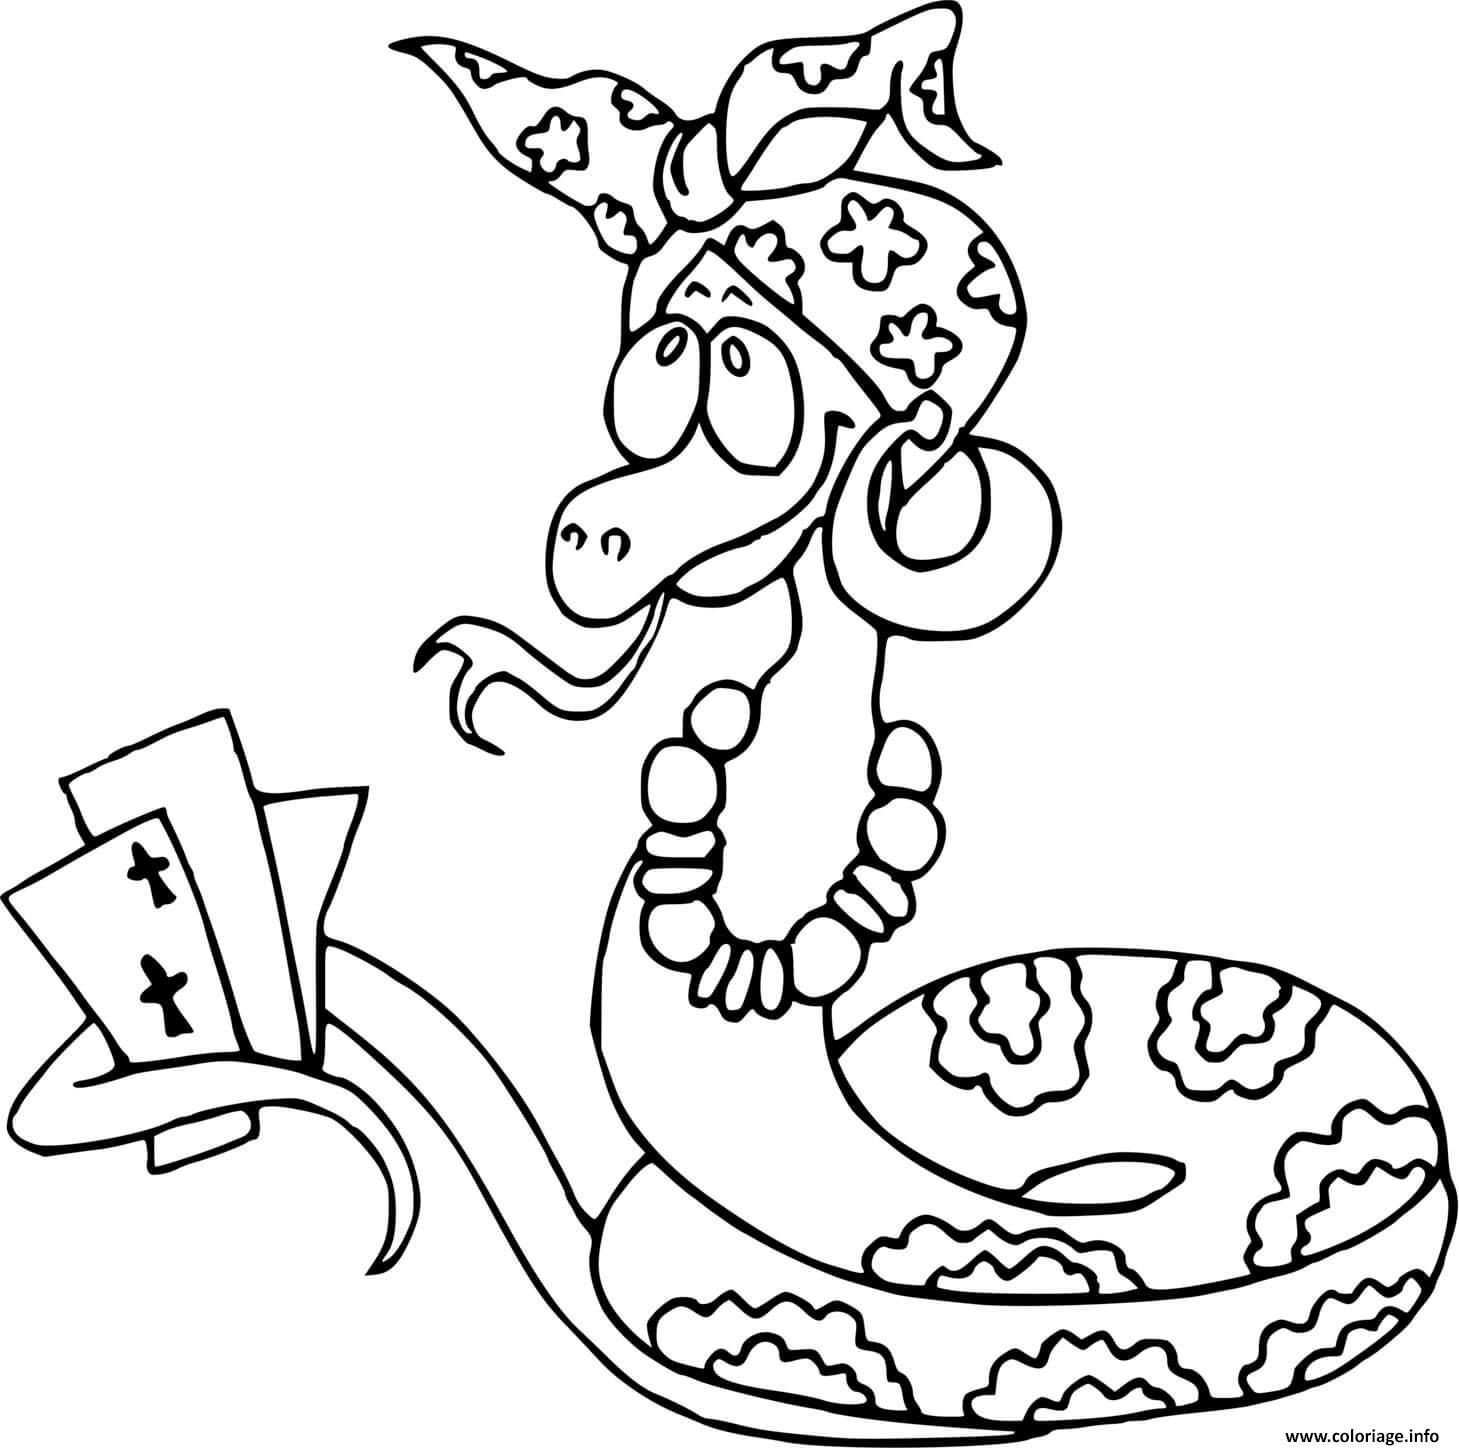 Dessin serpent qui joueax cartes Coloriage Gratuit à Imprimer